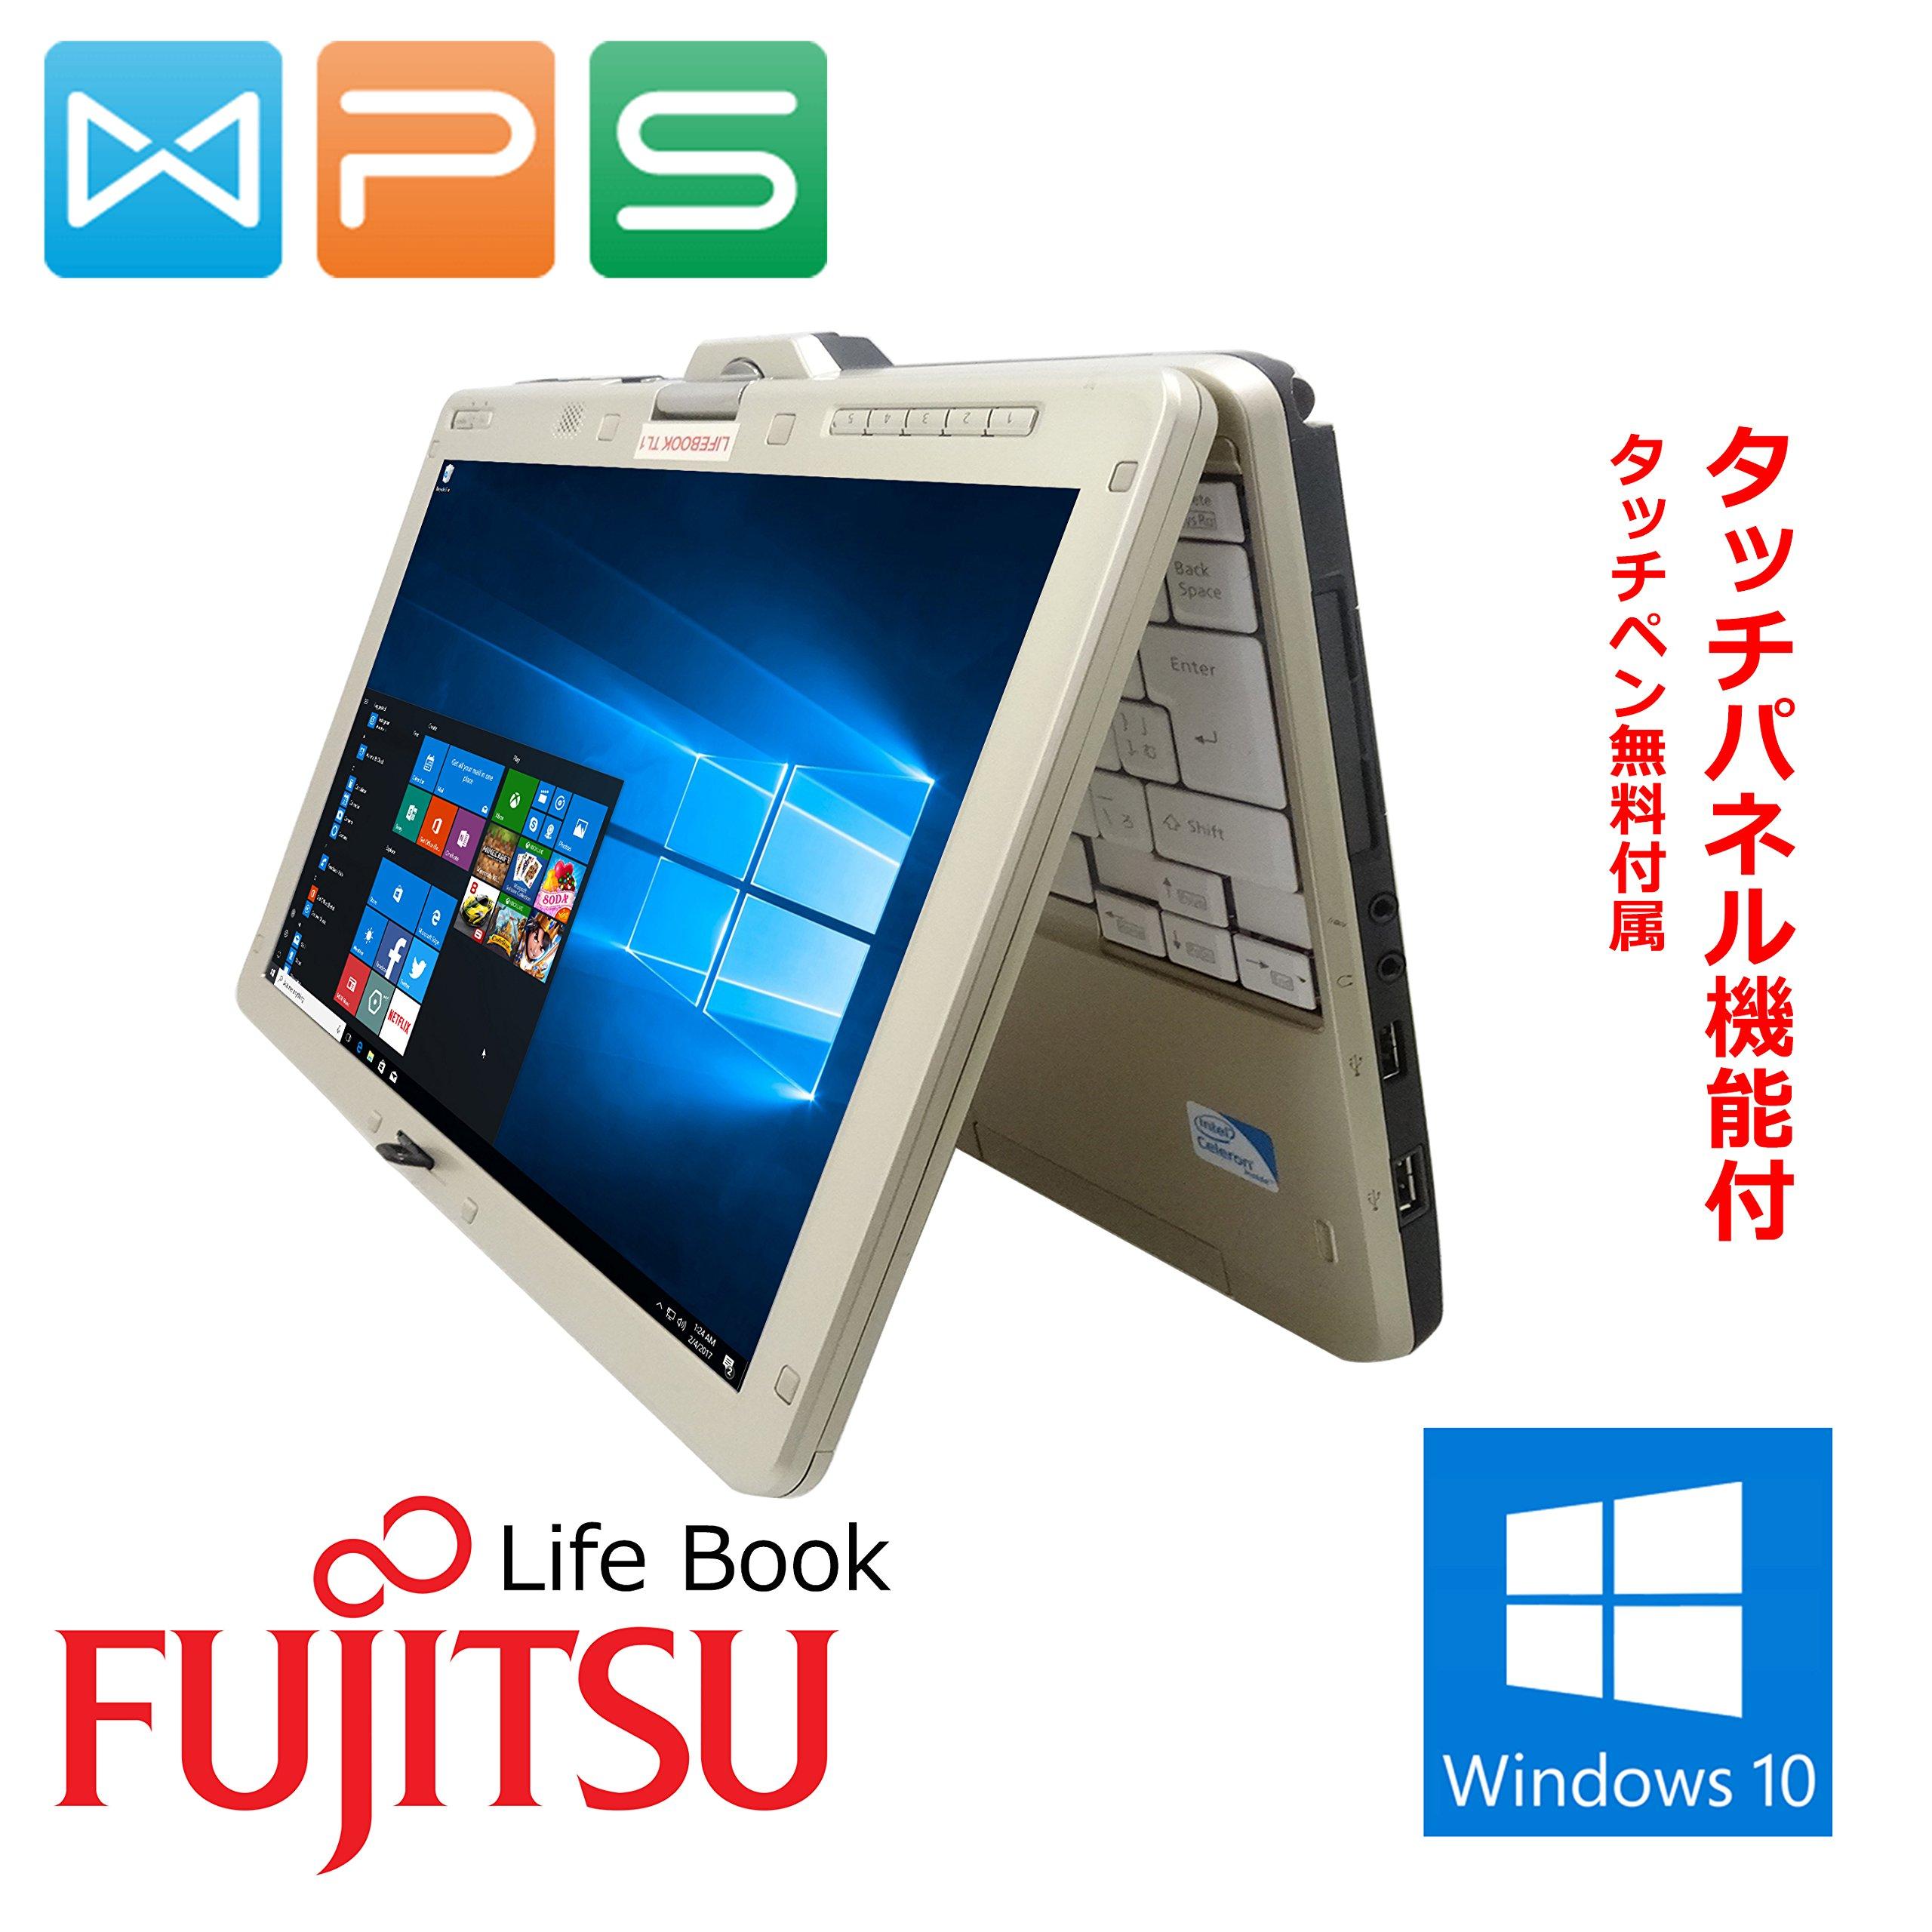 WPS Office 2016搭載】【Win 10搭載】富士通 TL1/Cereron 1 1GHz(第三